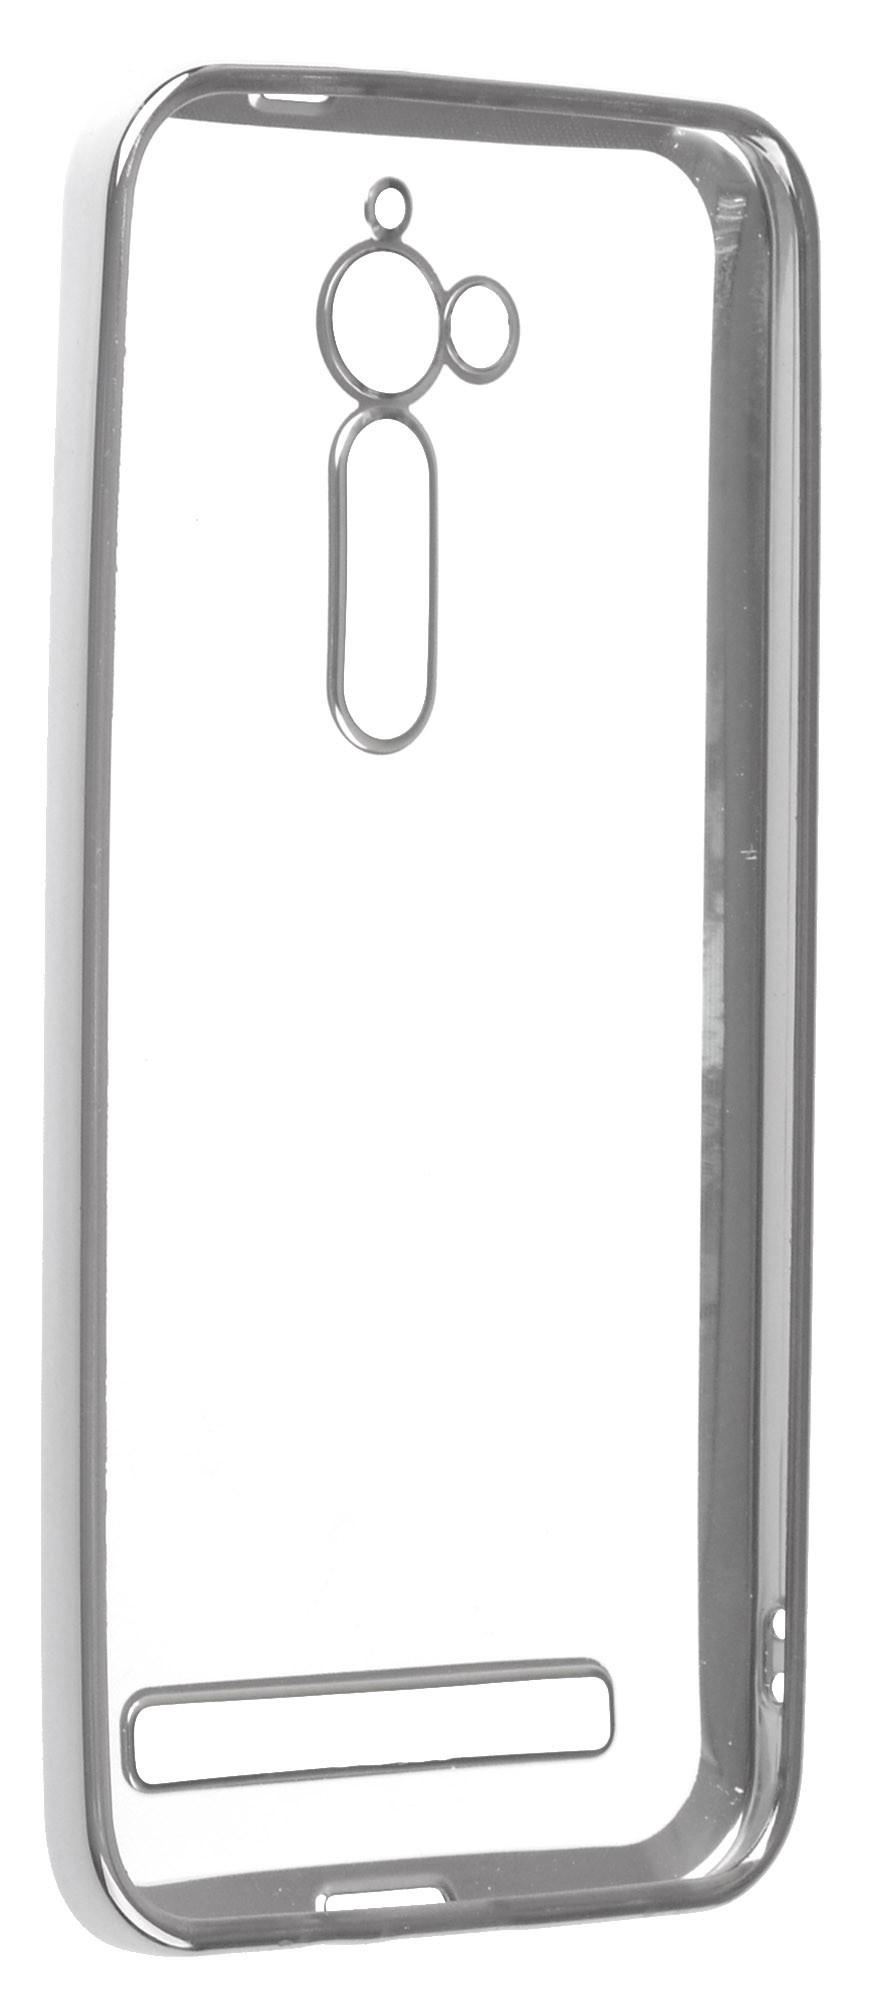 Чехол для сотового телефона skinBOX Silicone chrome border, 4660041408188, серебристый стоимость